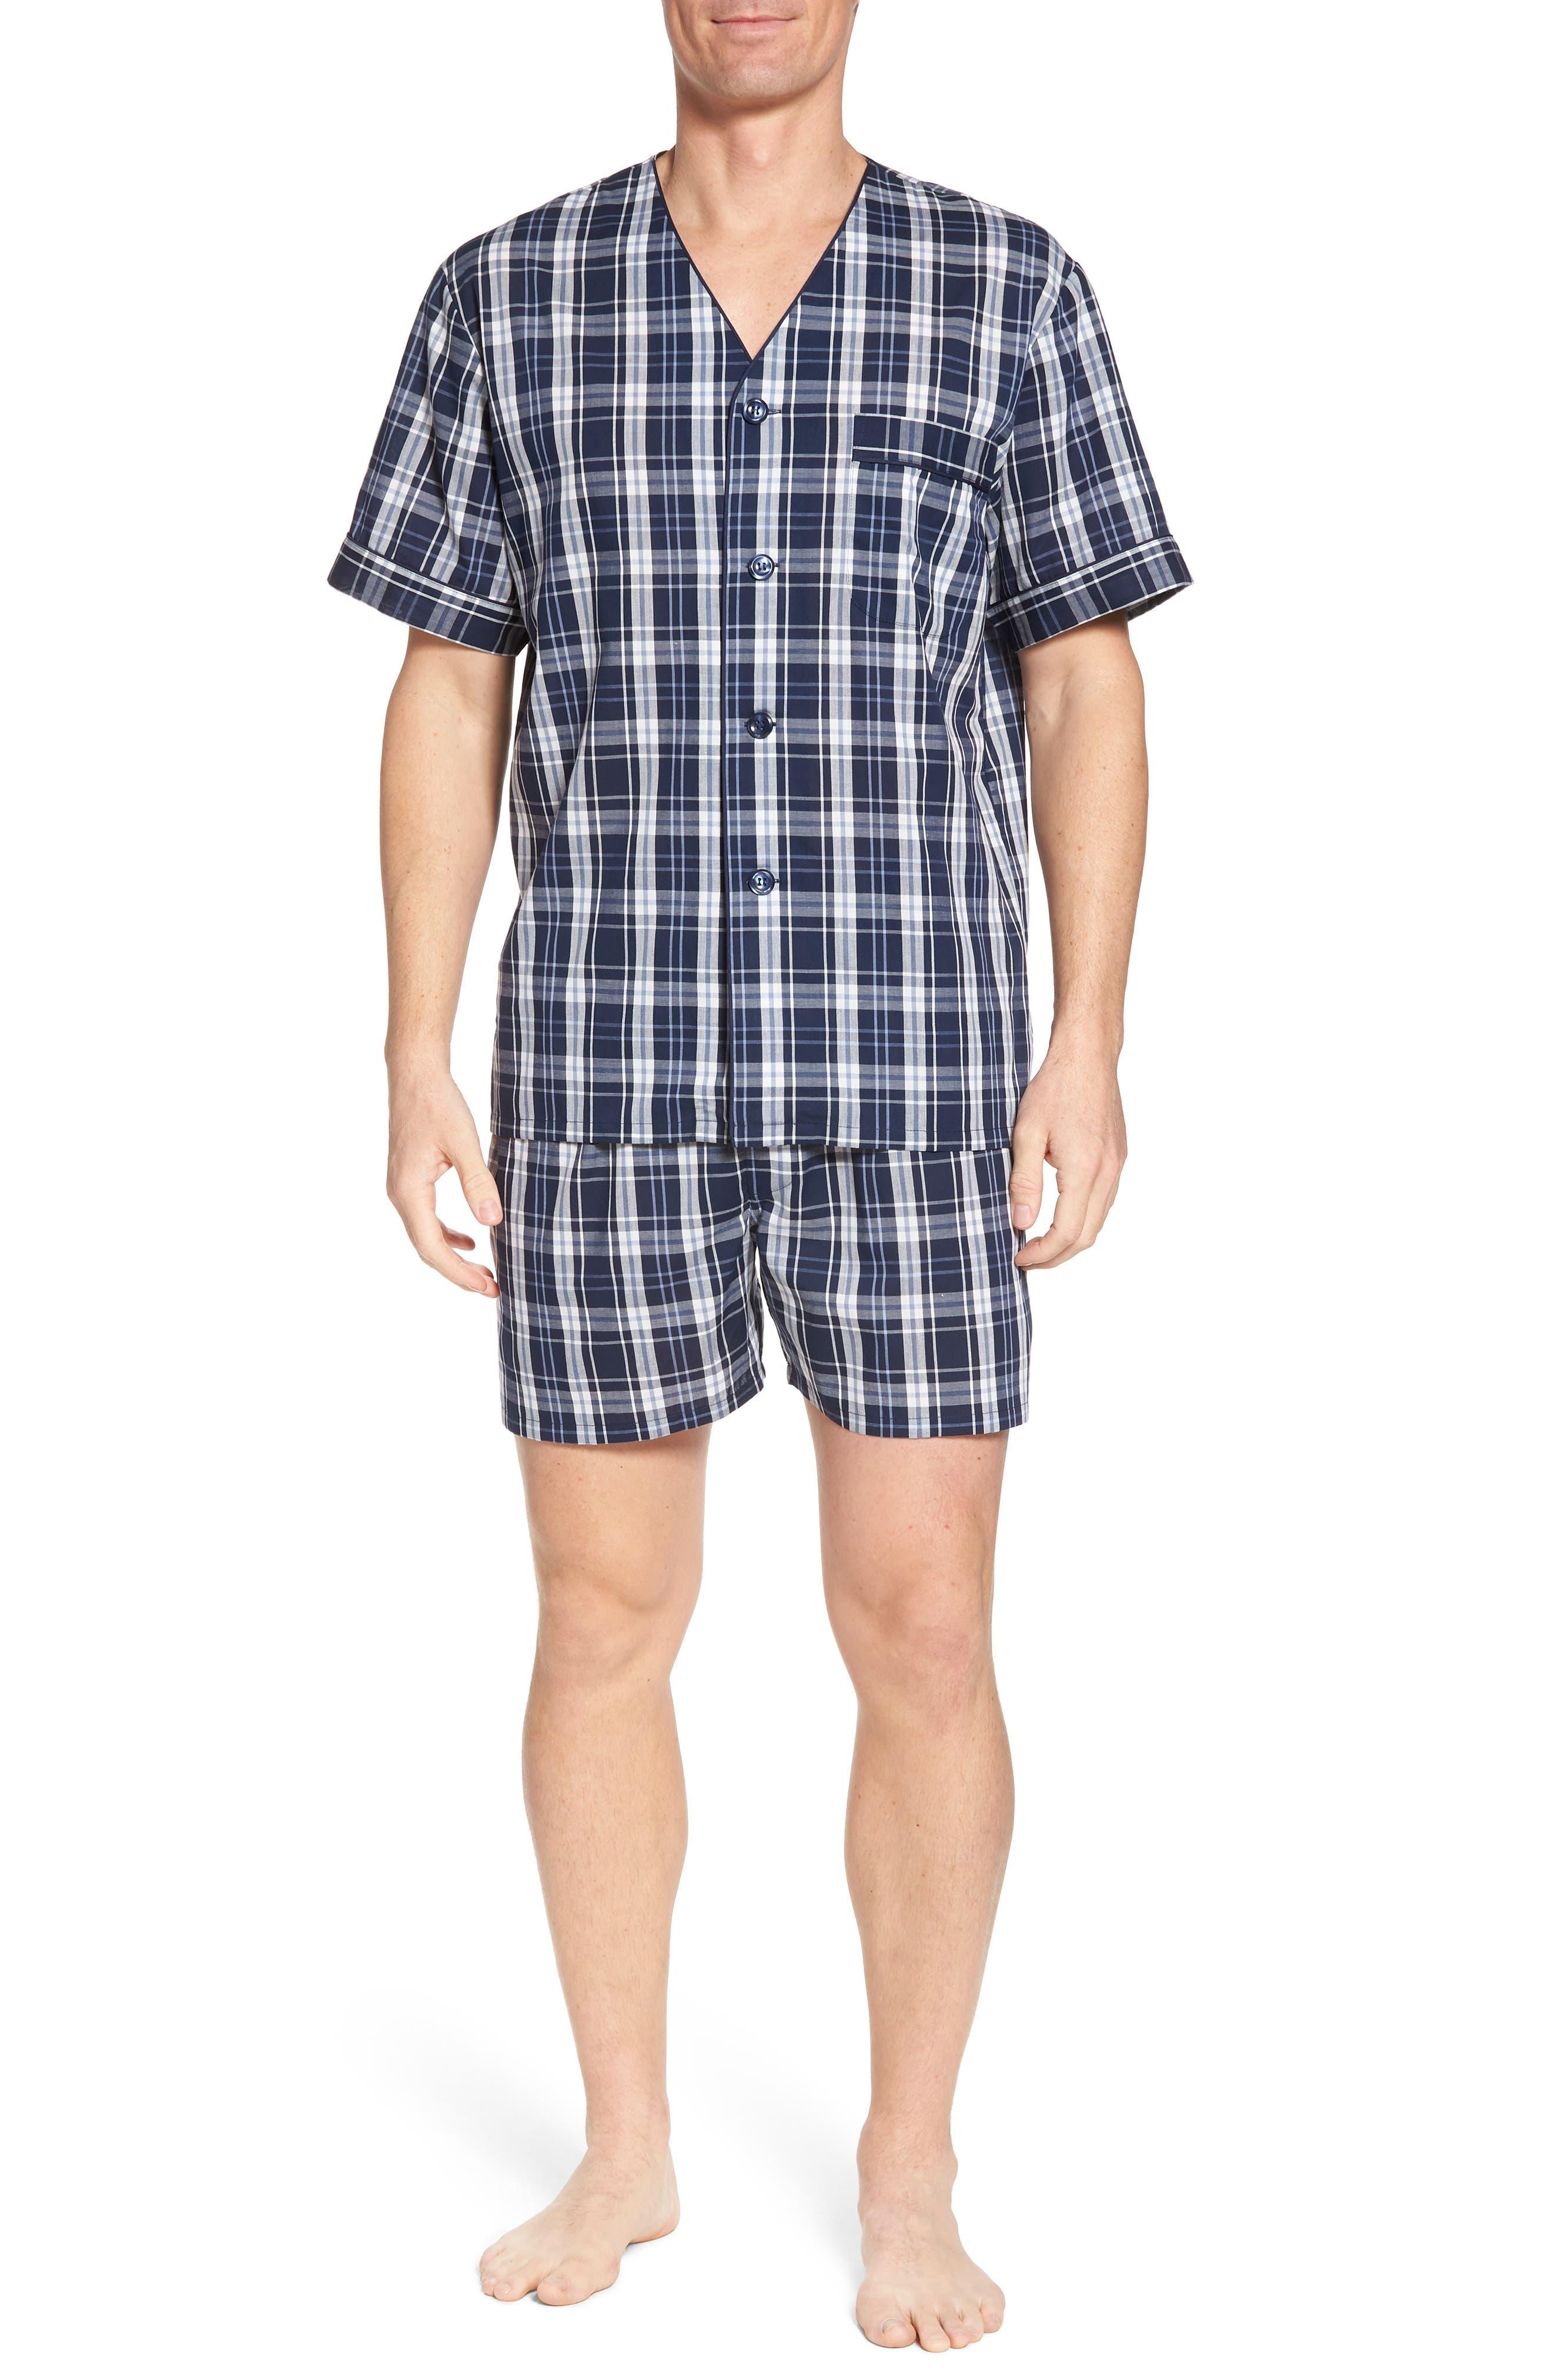 Carefree Shorty Pajama Set,                             Main thumbnail 1, color,                             400